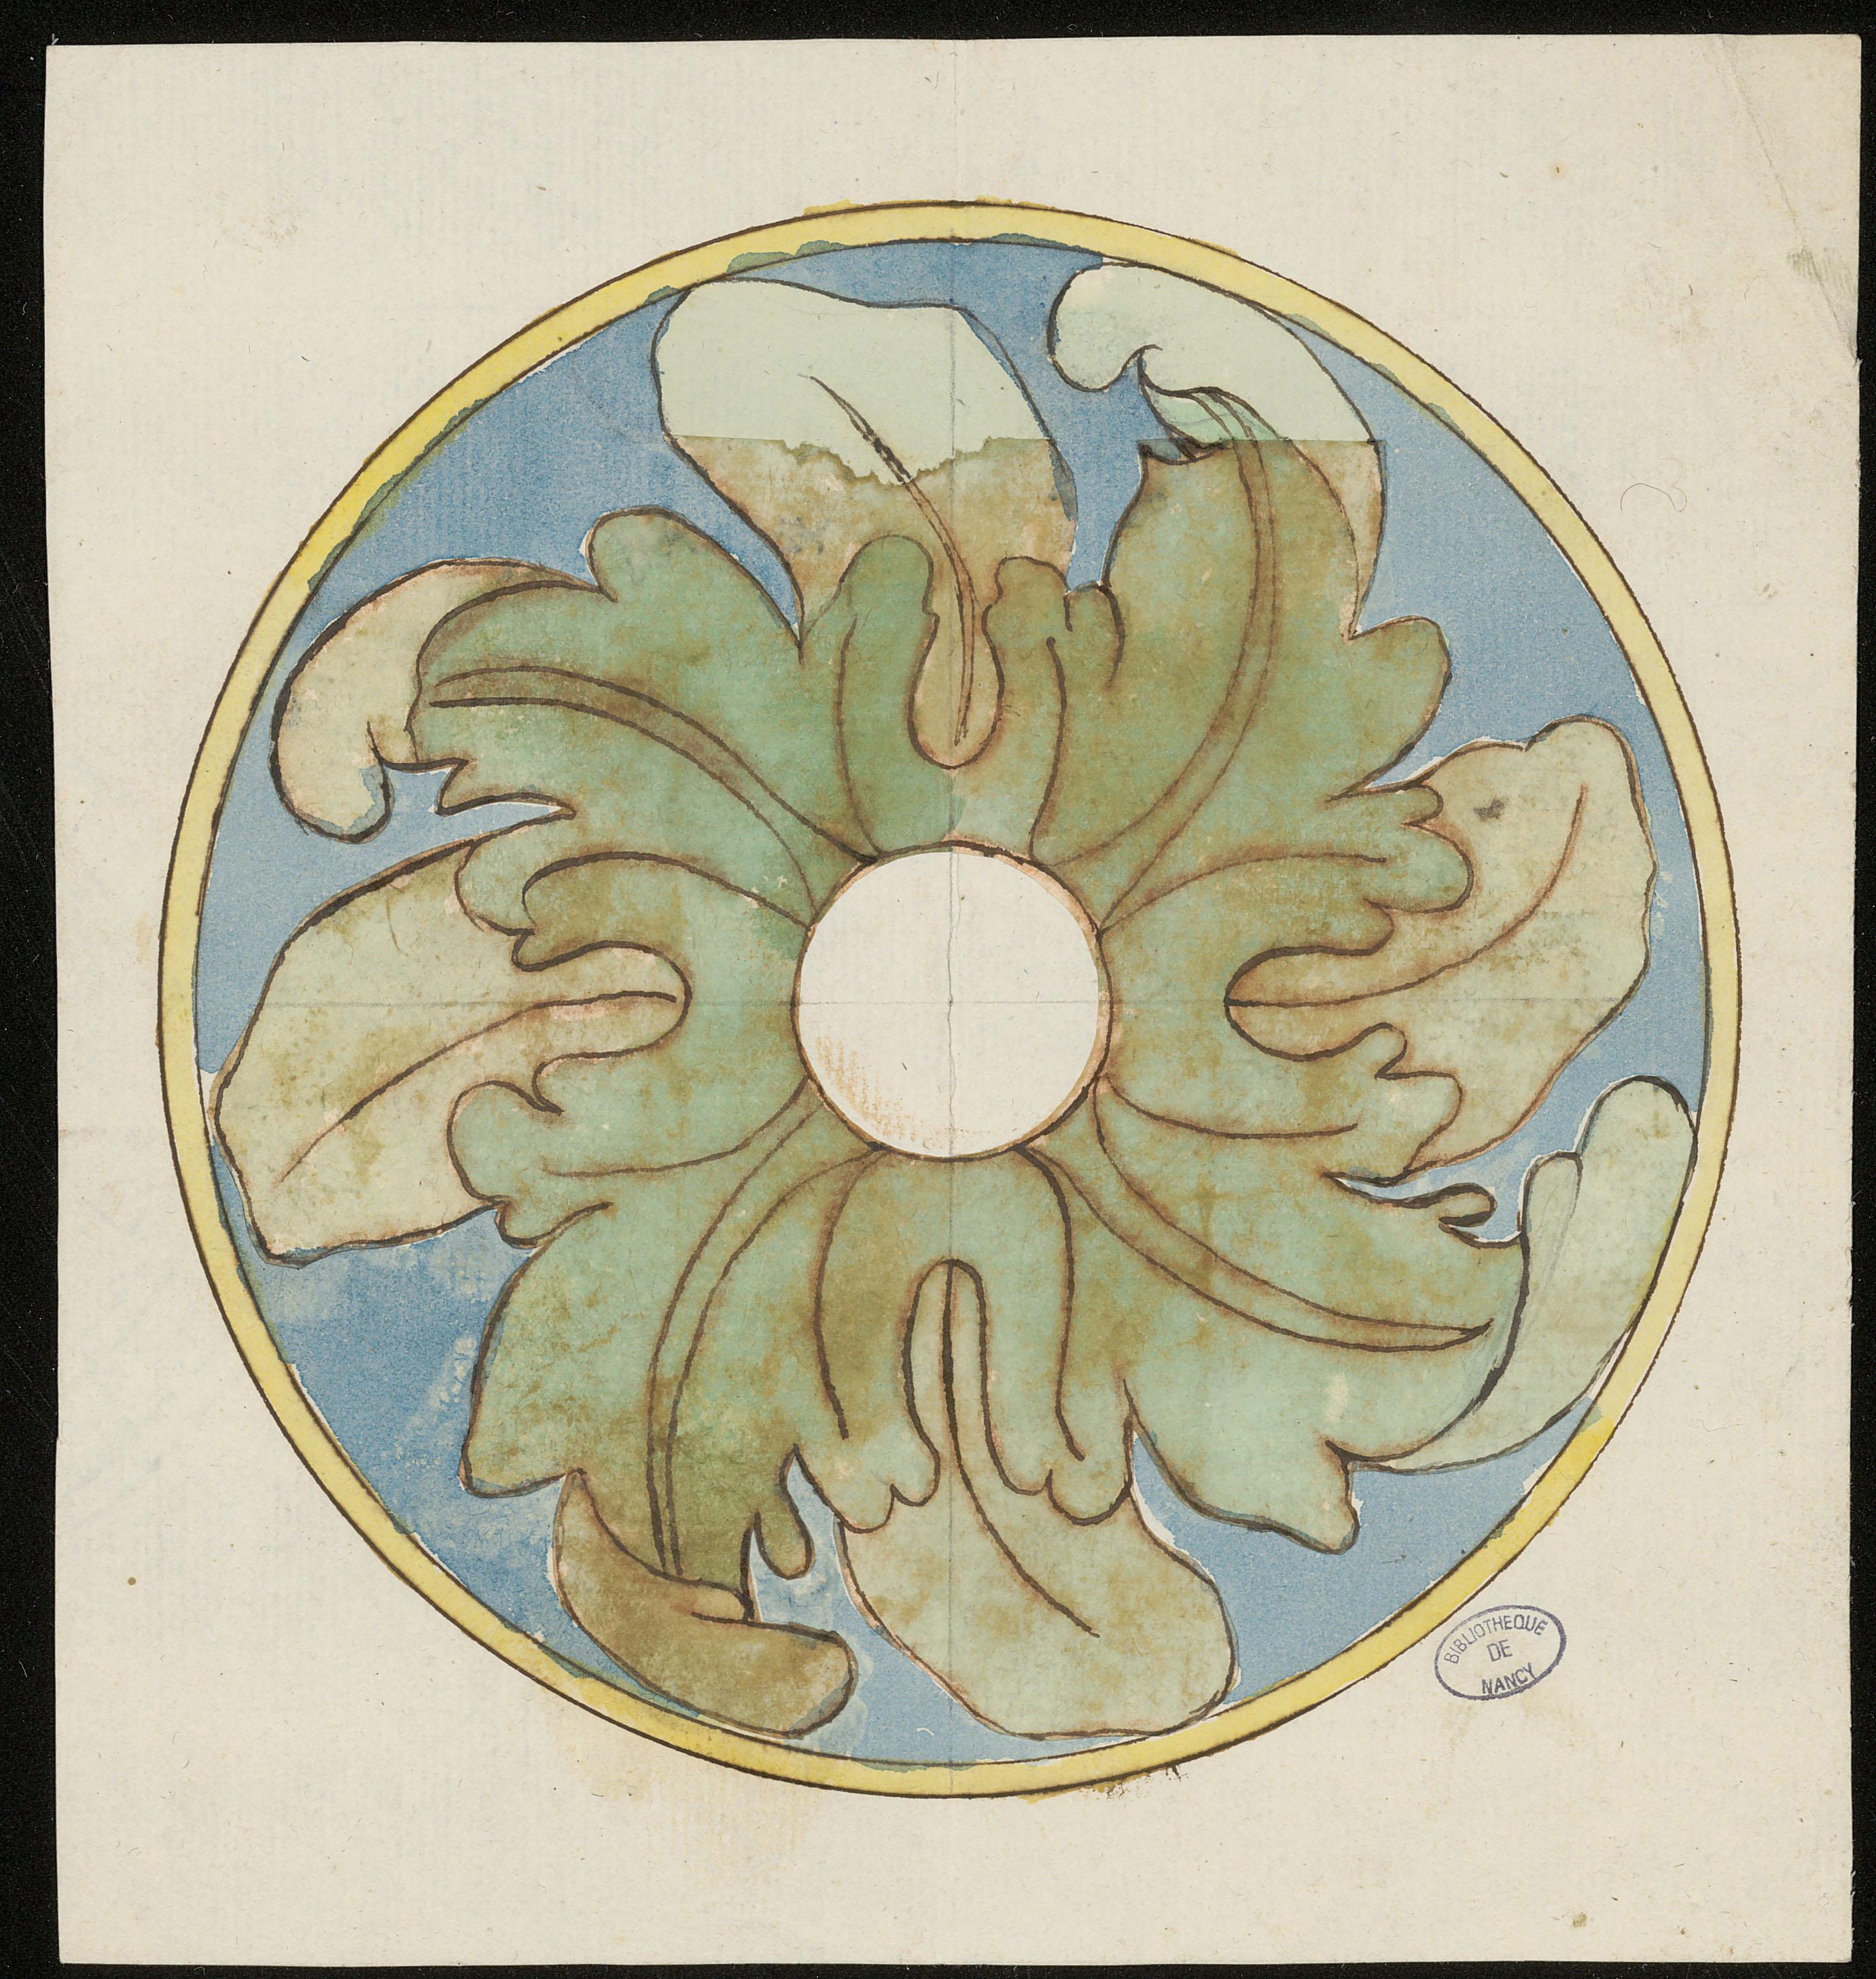 [Motif d'ornement : modèle de rosace tournante à feuille d'acanthe et feuille d'eau], anonyme